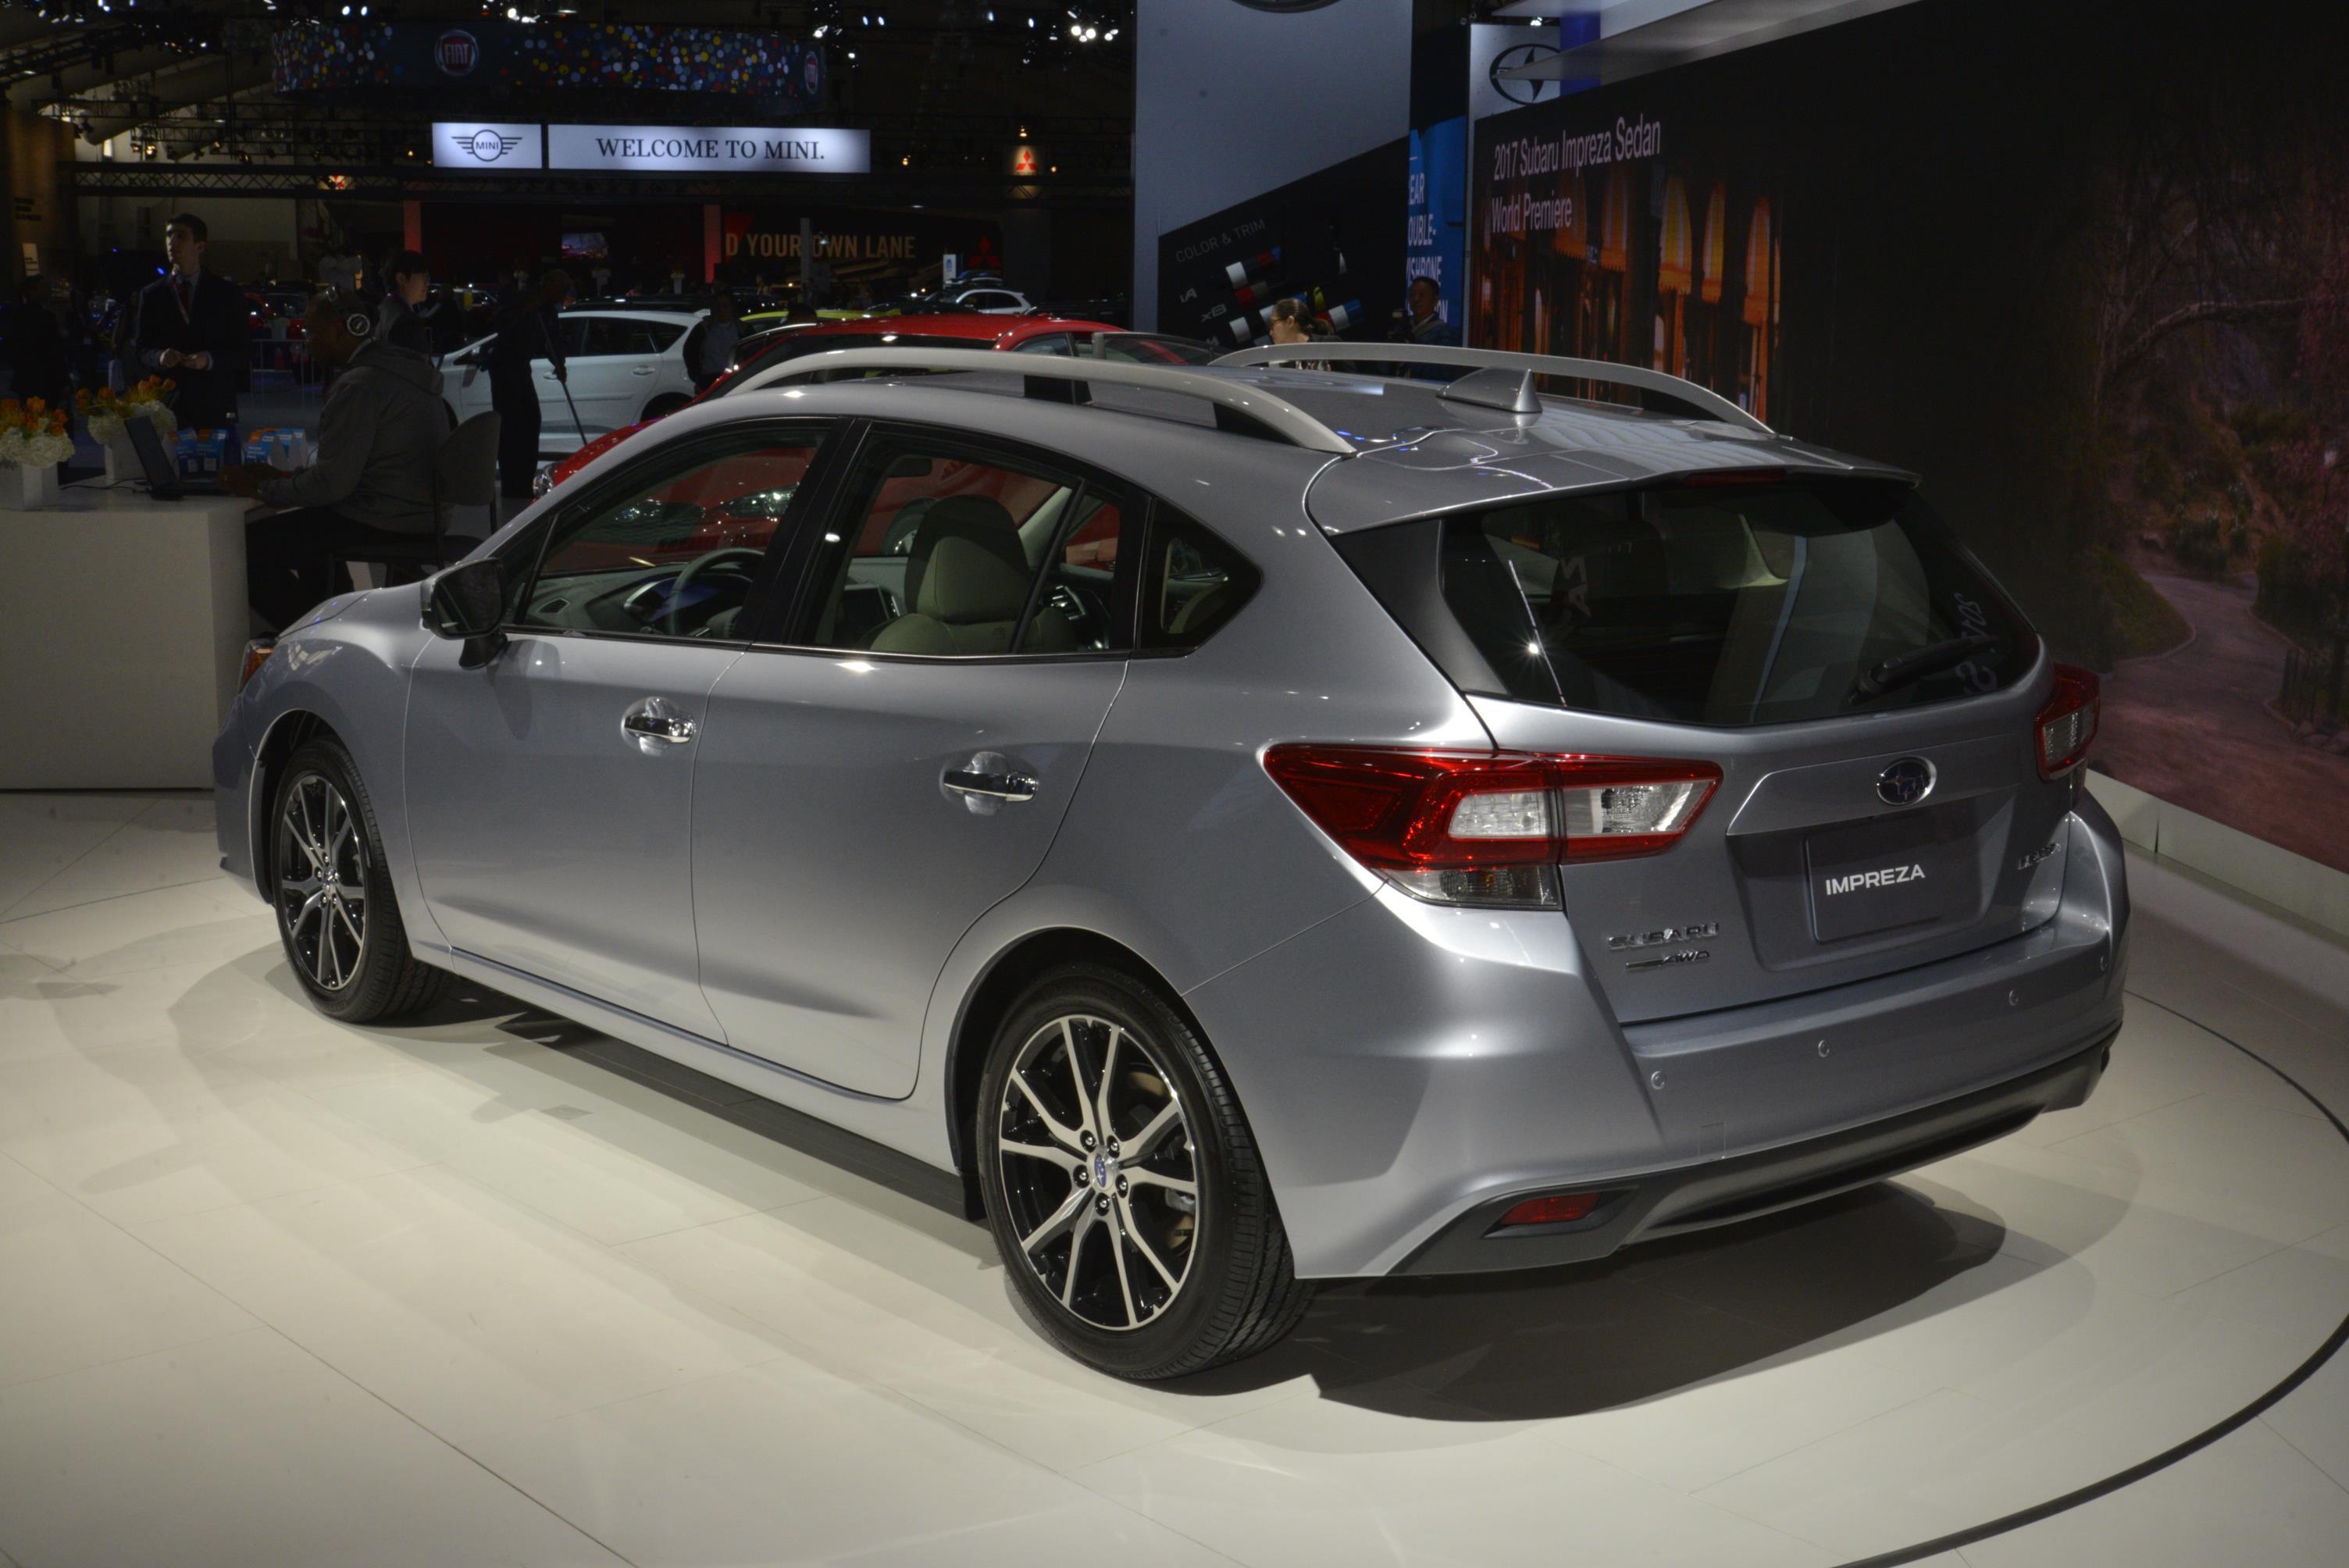 Subaru Wrx 0-60 >> 2018 Subaru Impreza WRX STI Might Look like This - autoevolution